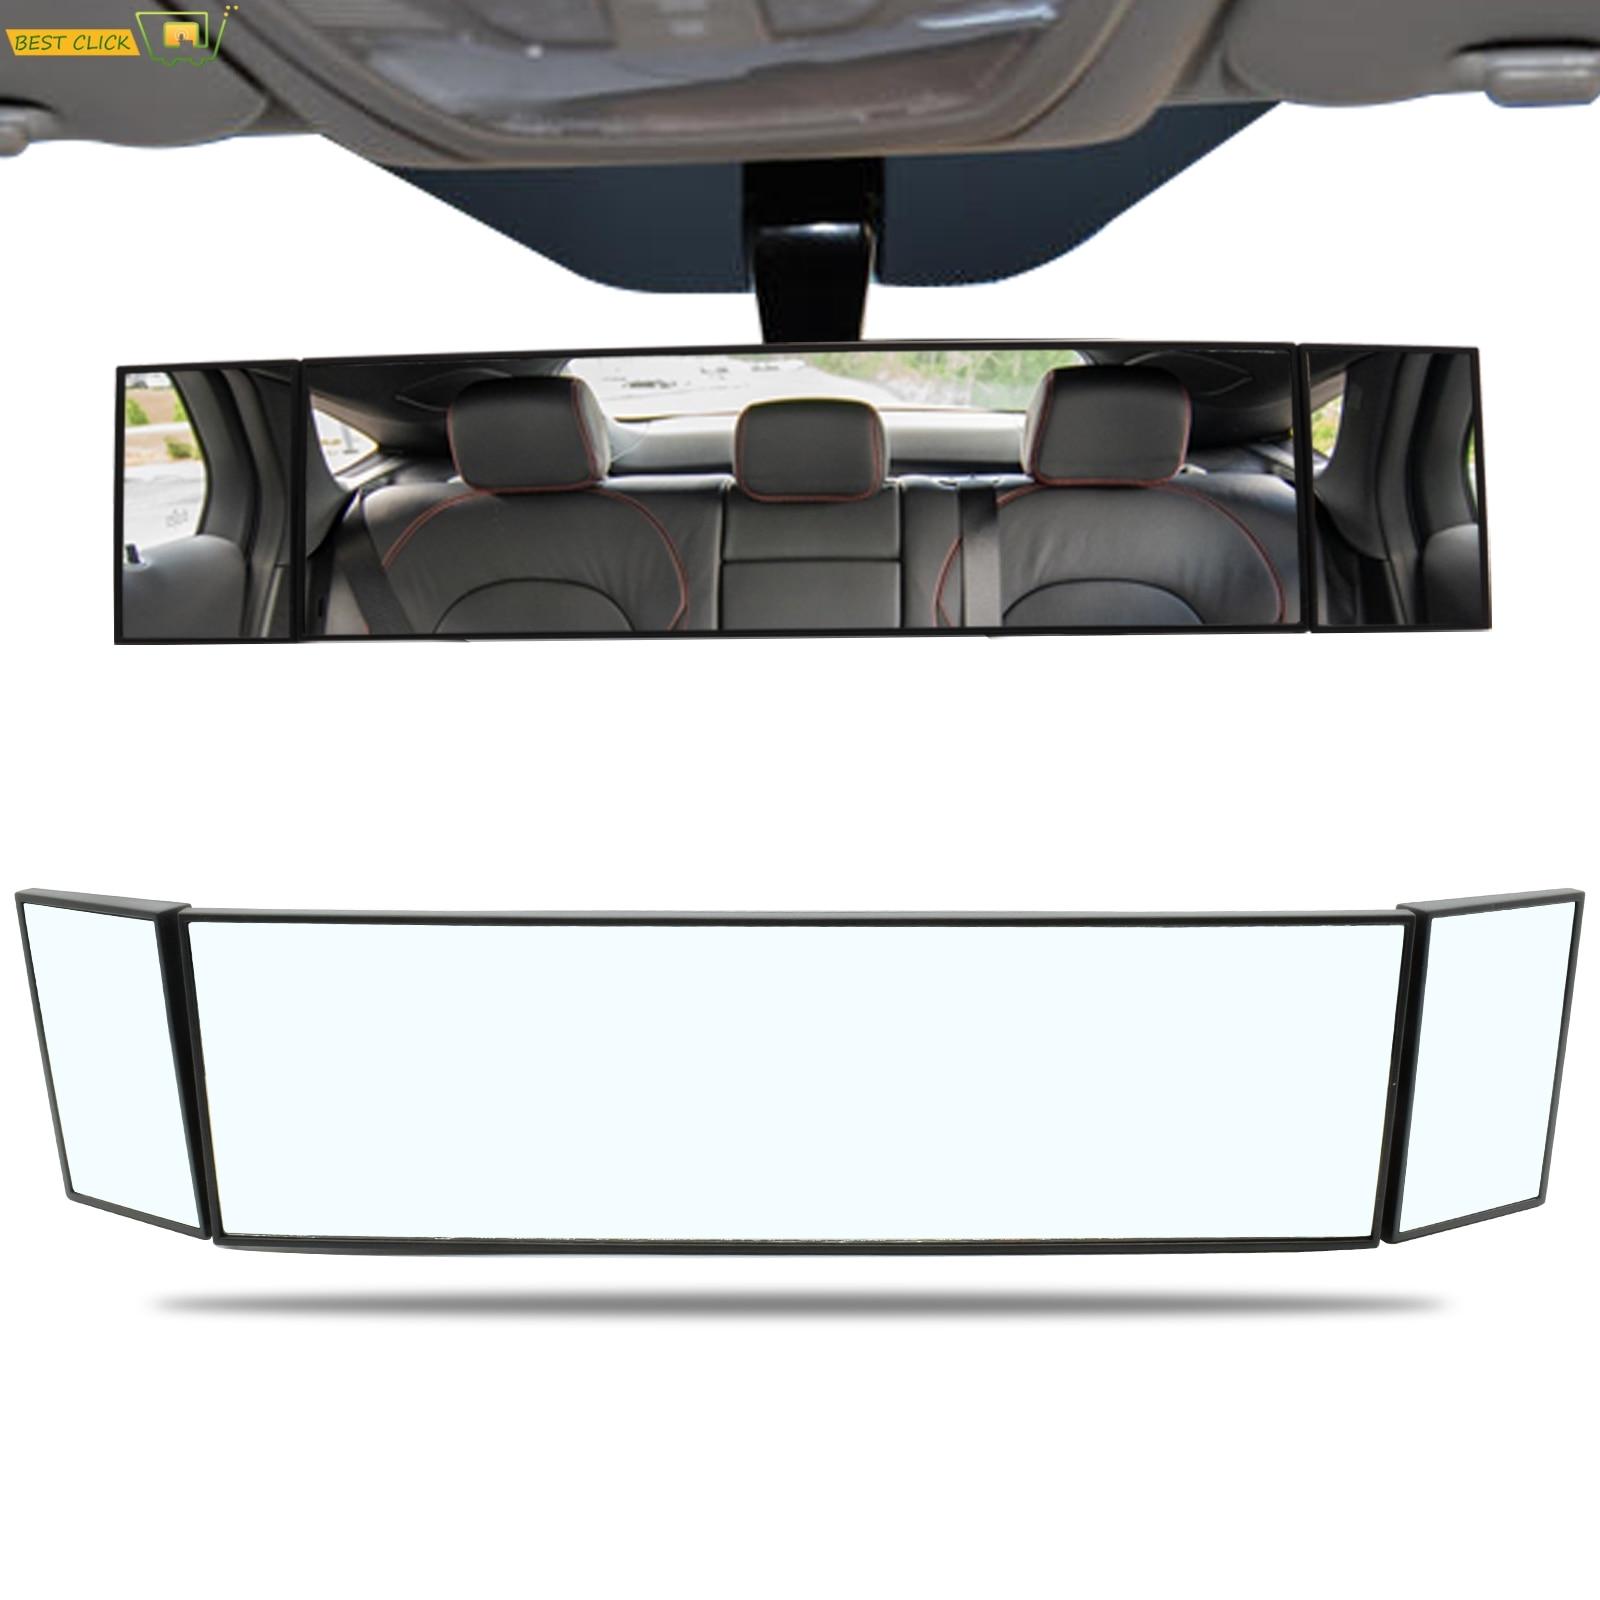 Автомобильный Грузовик, фургон, широкоугольный вспомогательный большой вид, внутреннее выпуклое зеркало заднего вида, слепые точки, повязк...